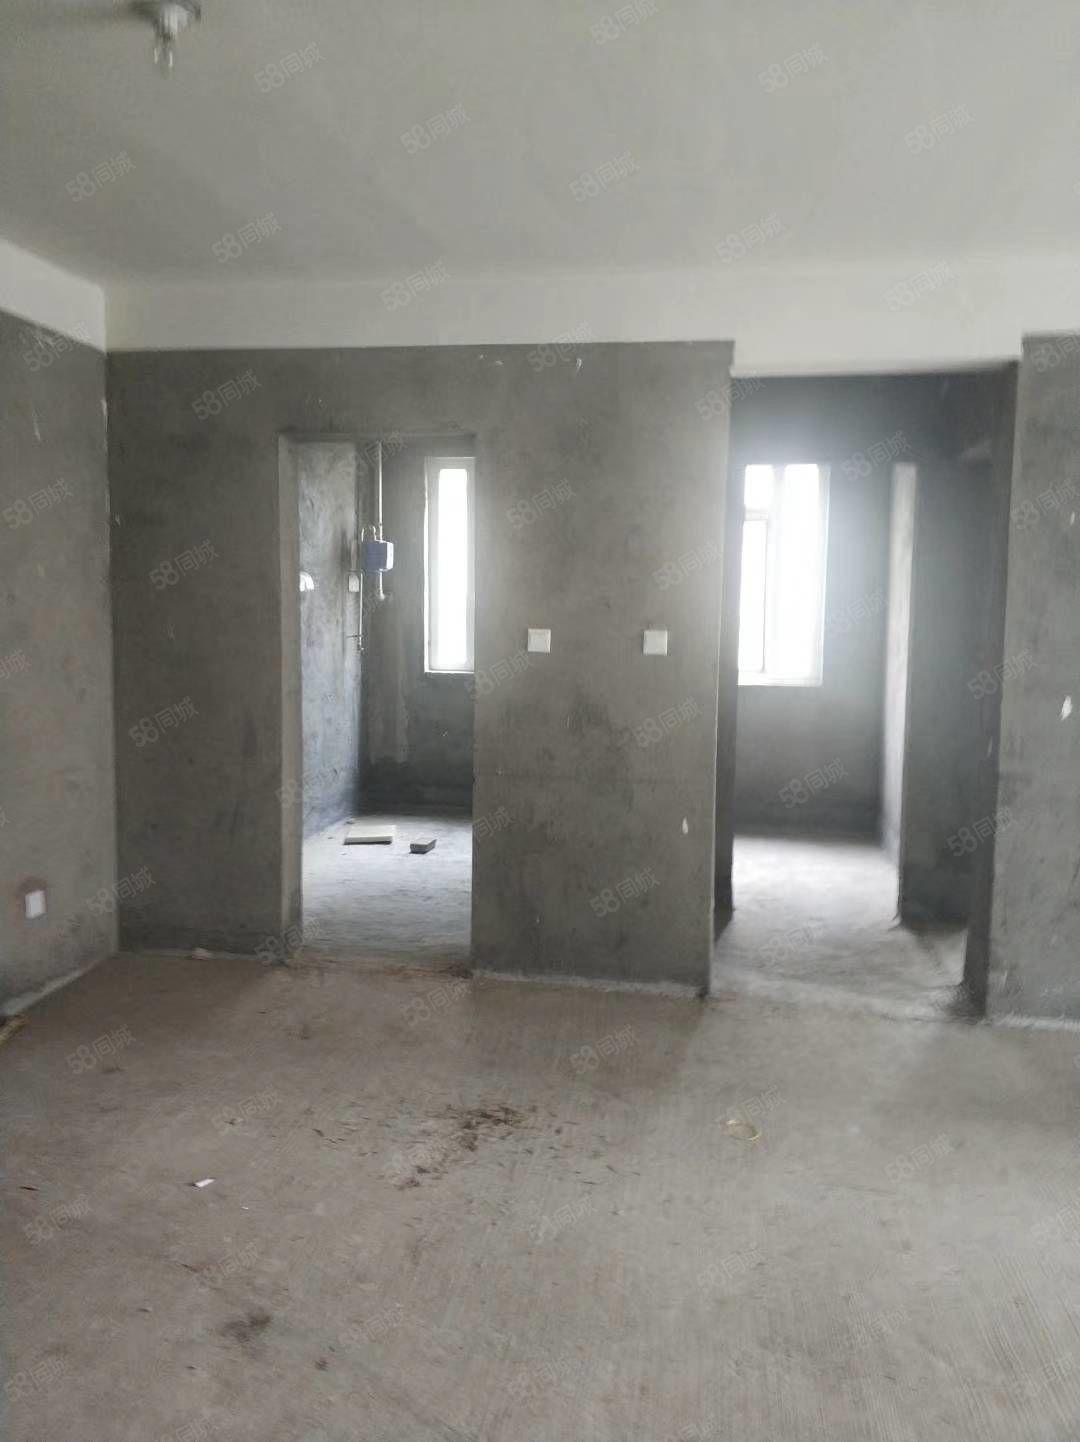 世纪城电梯房边户经典户型南北通?#22797;?#19977;室价格很合适房东急售